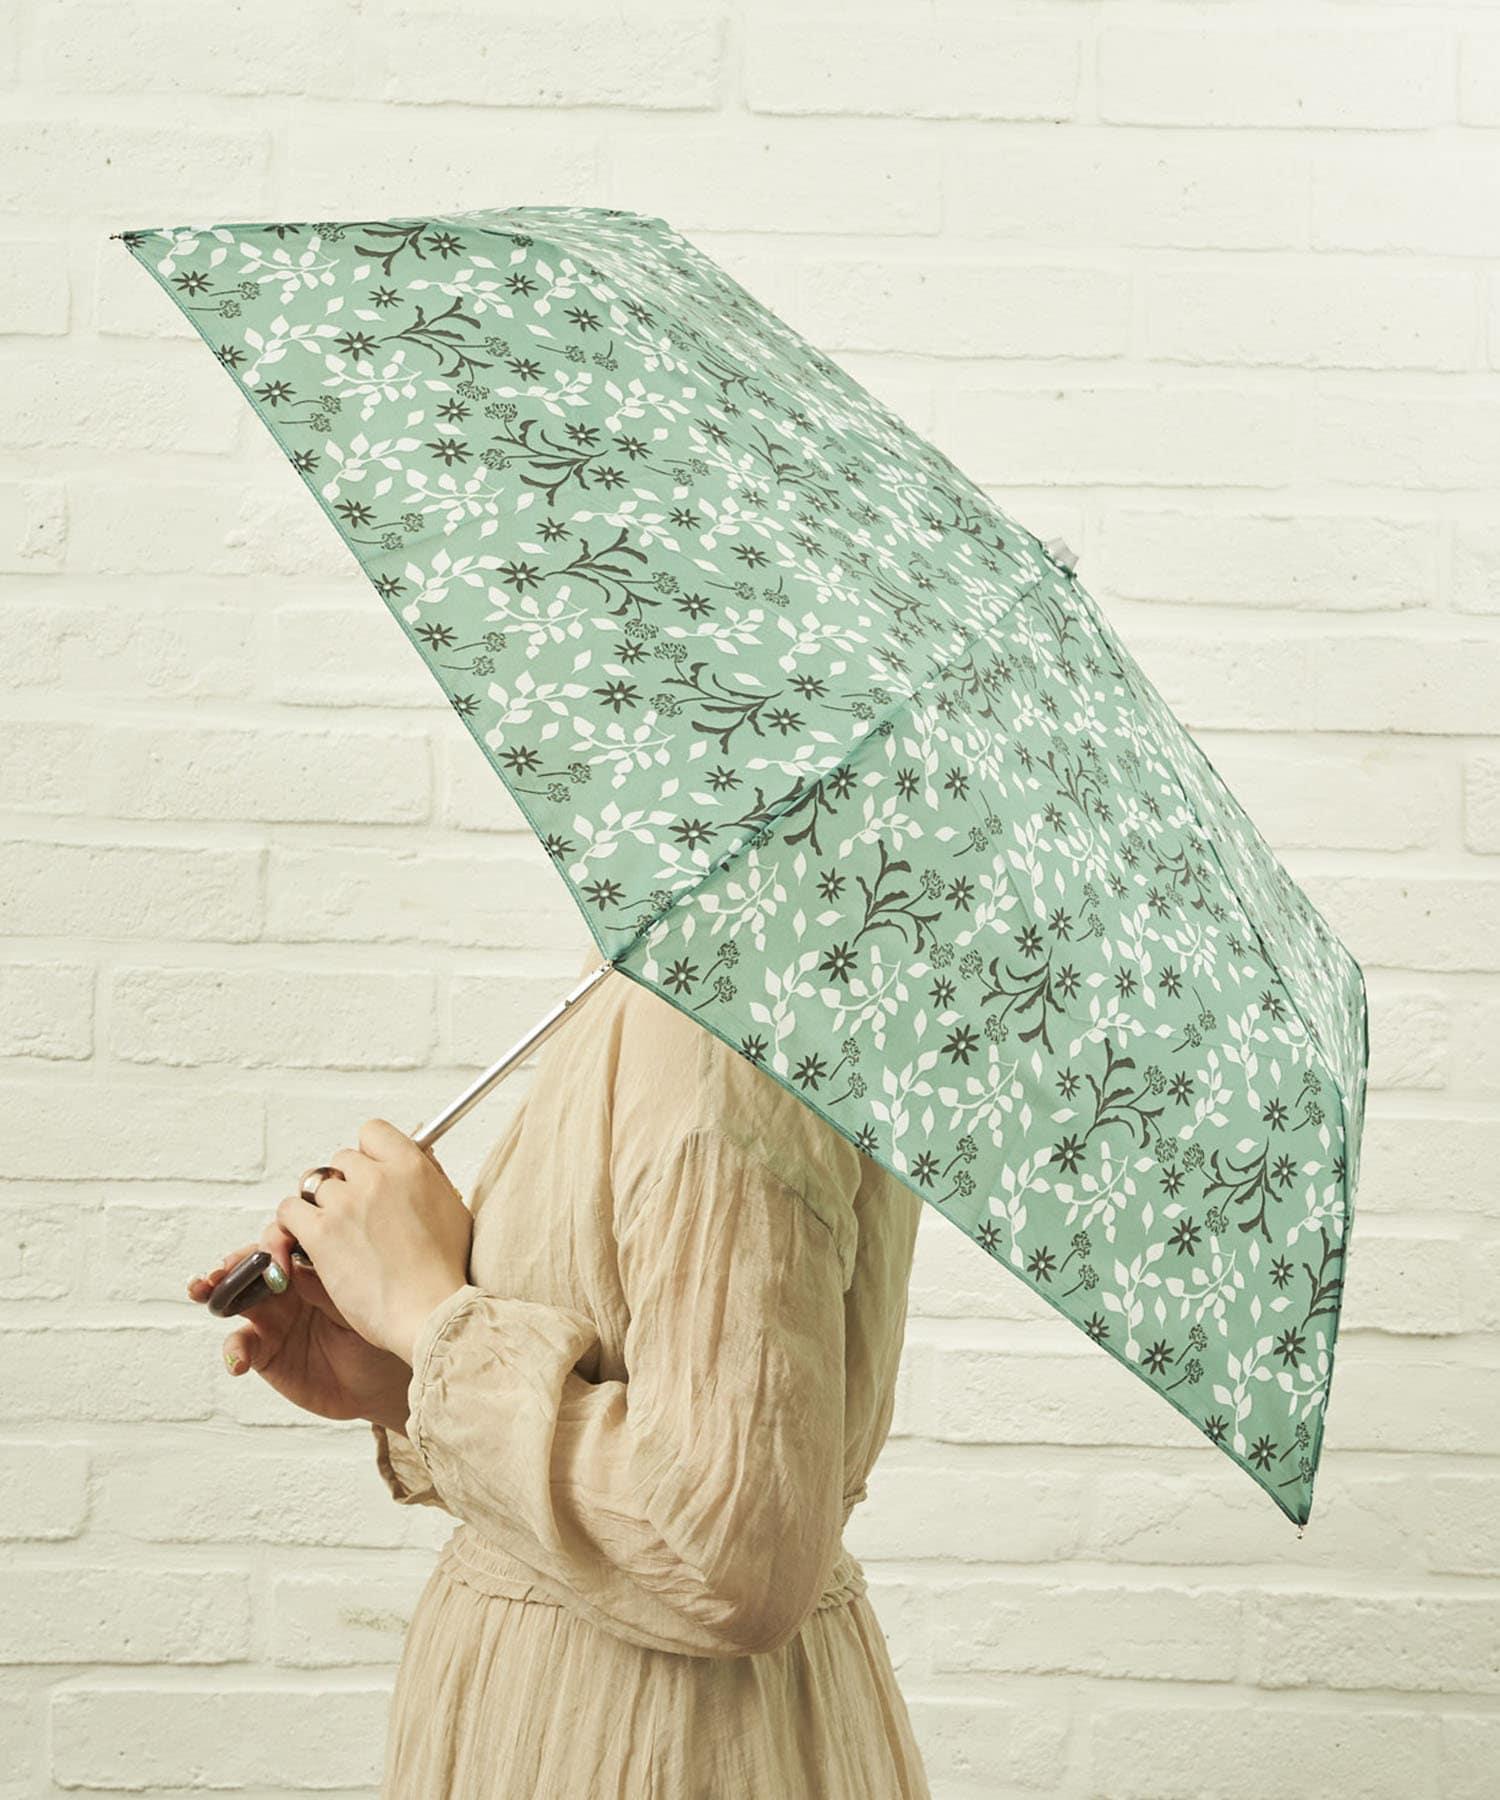 salut!(サリュ) ライフスタイル 雨傘折フラワー(グリーン) その他